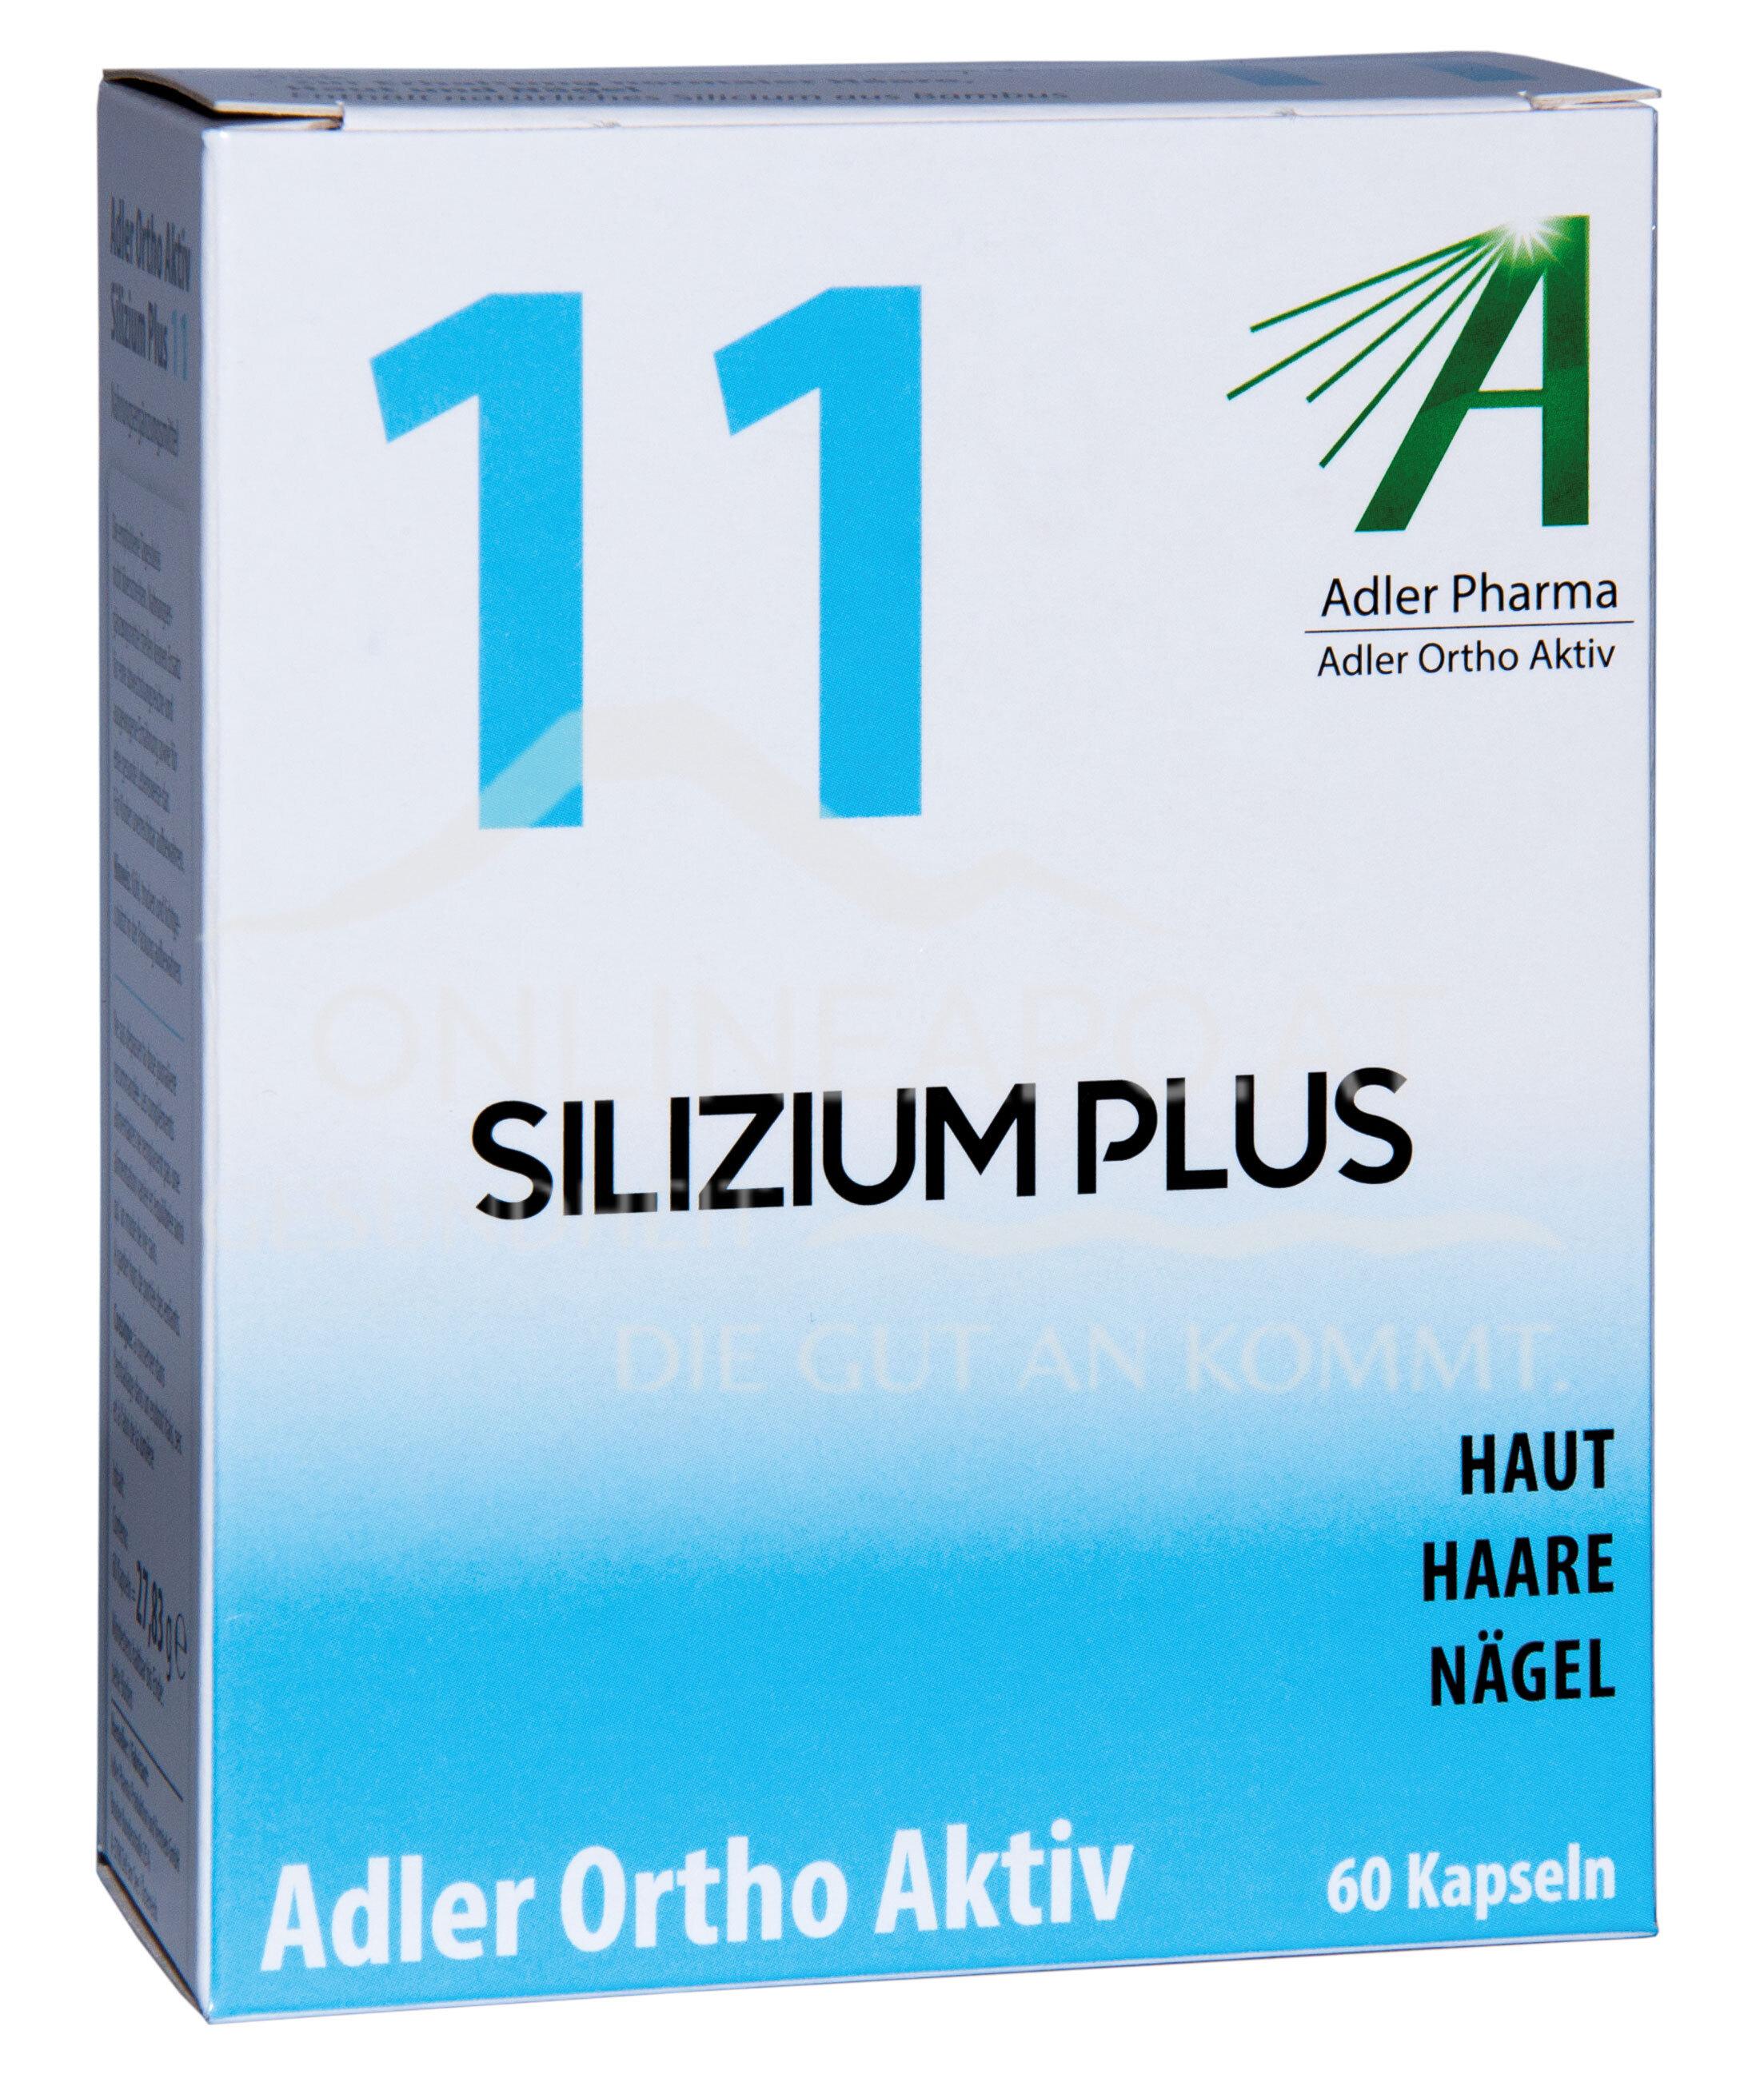 Adler Ortho Aktiv Nr. 11 Silizium Plus